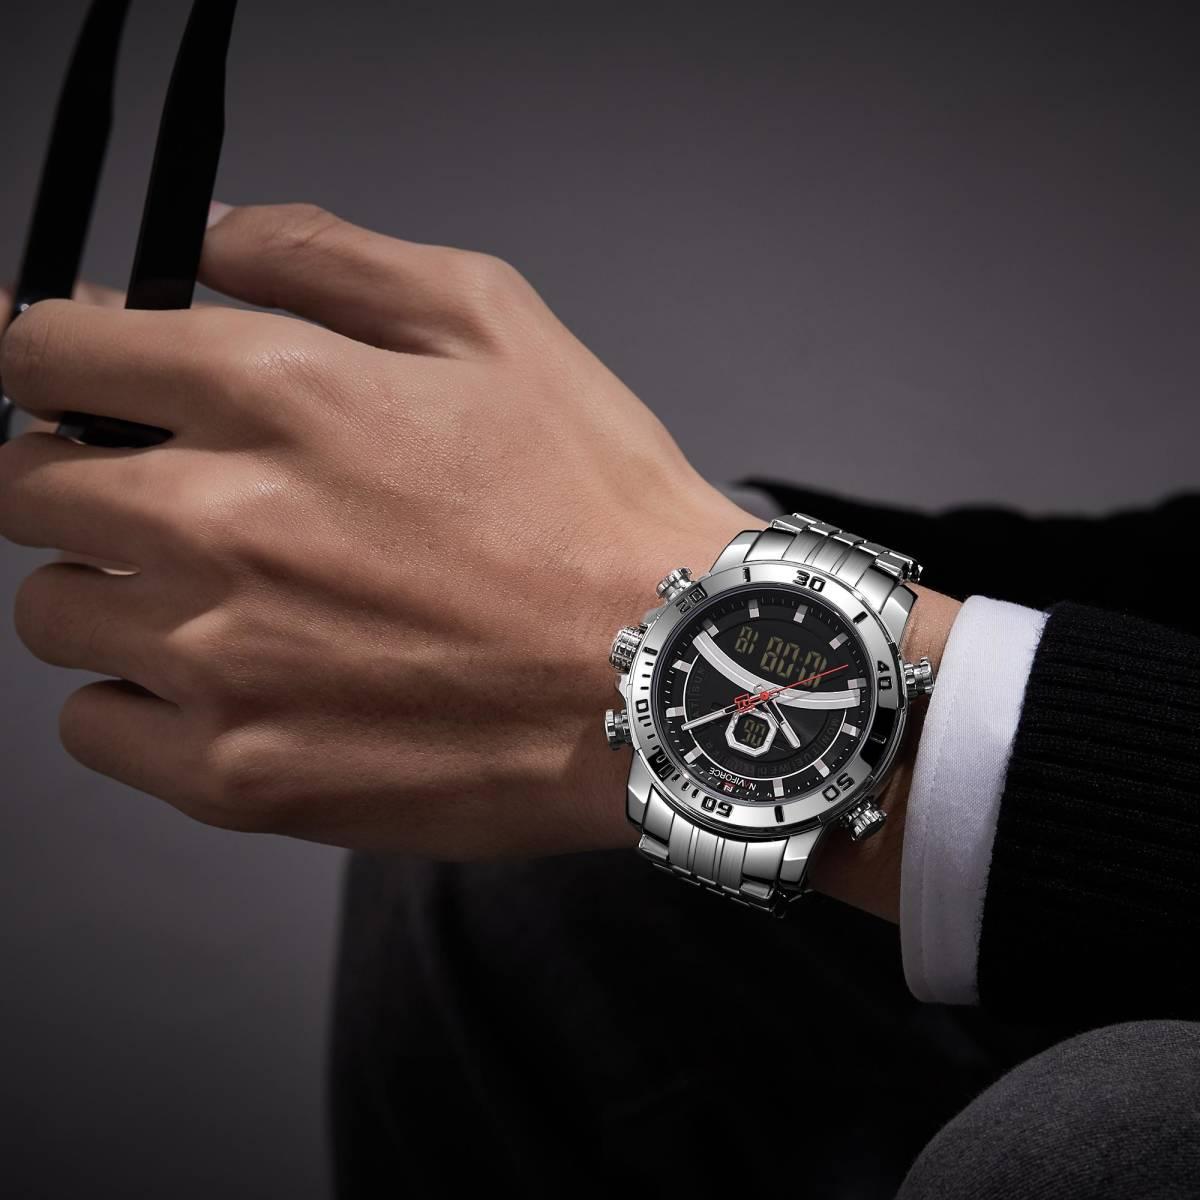 Naviforce 男性のスポーツウォッチミリタリーデジタルデュアルディスプレイ腕時計クォーツ防水時計男性レロジオ masculino 新 2020_画像4